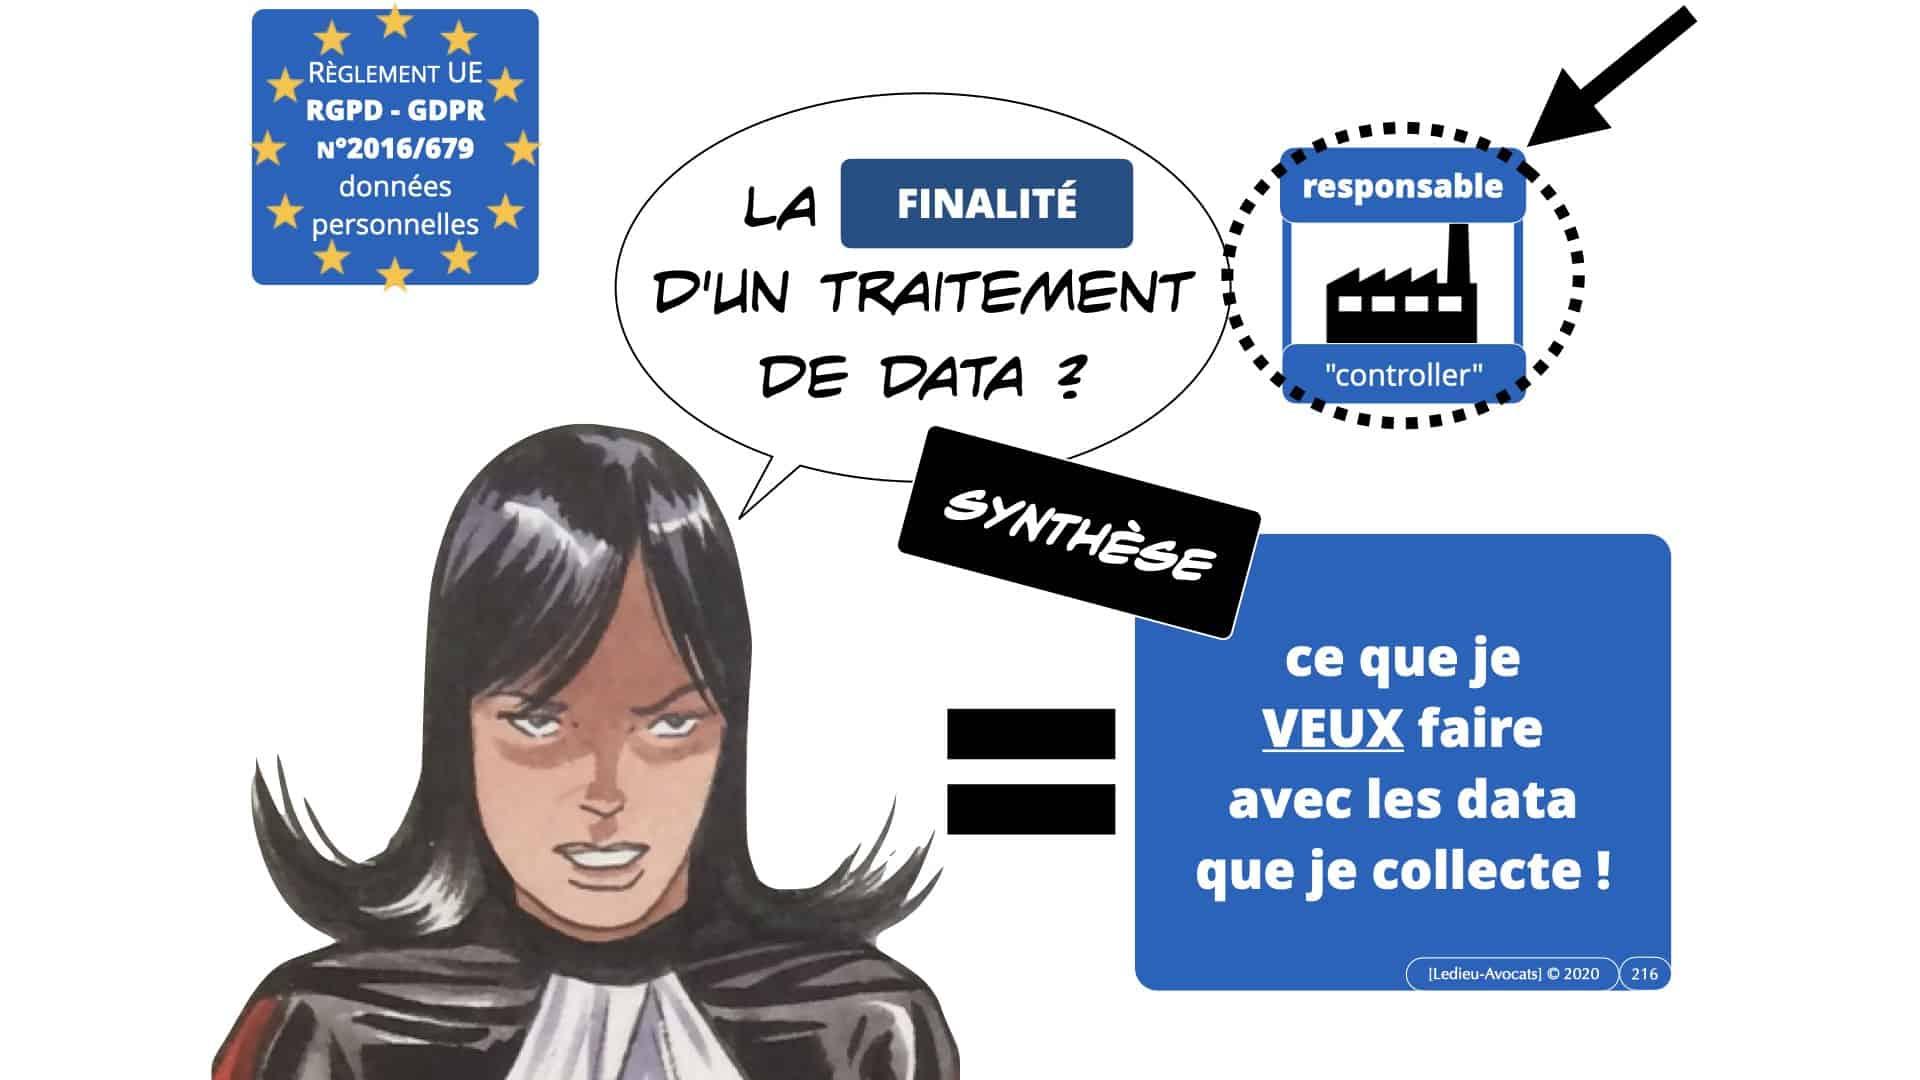 RGPD e-Privacy données personnelles jurisprudence formation Lamy Les Echos 10-02-2021 ©Ledieu-Avocats.216